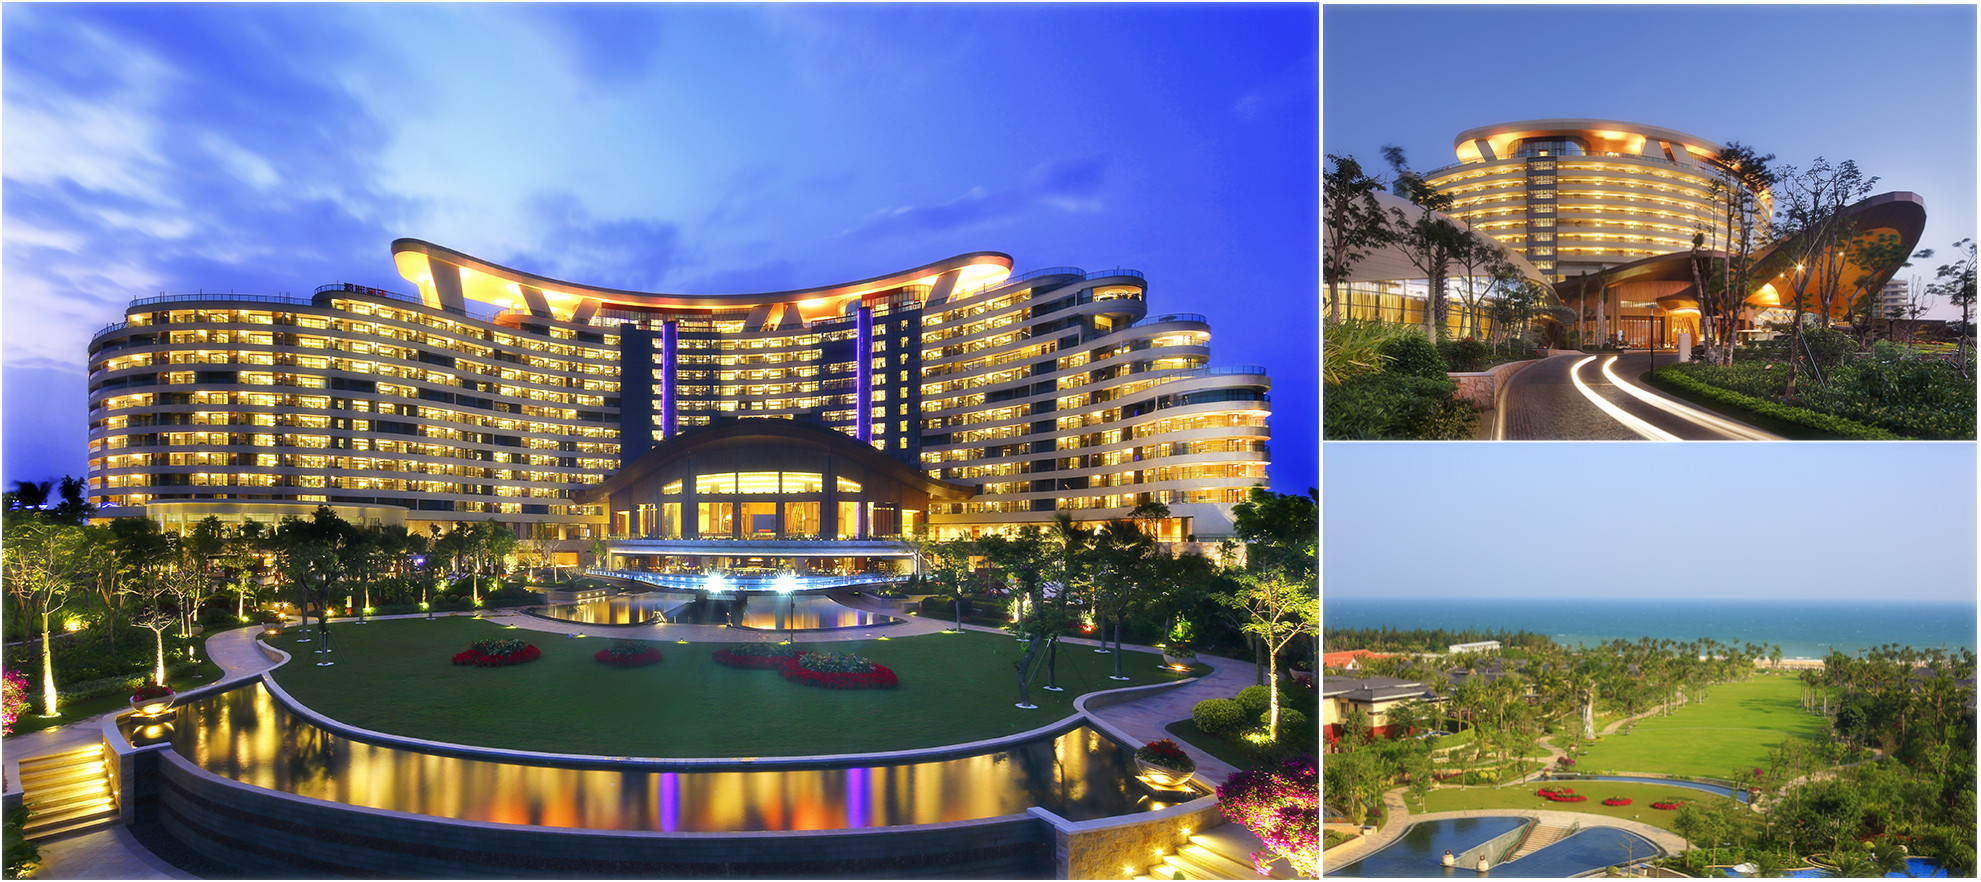 海棠湾天房洲际酒店